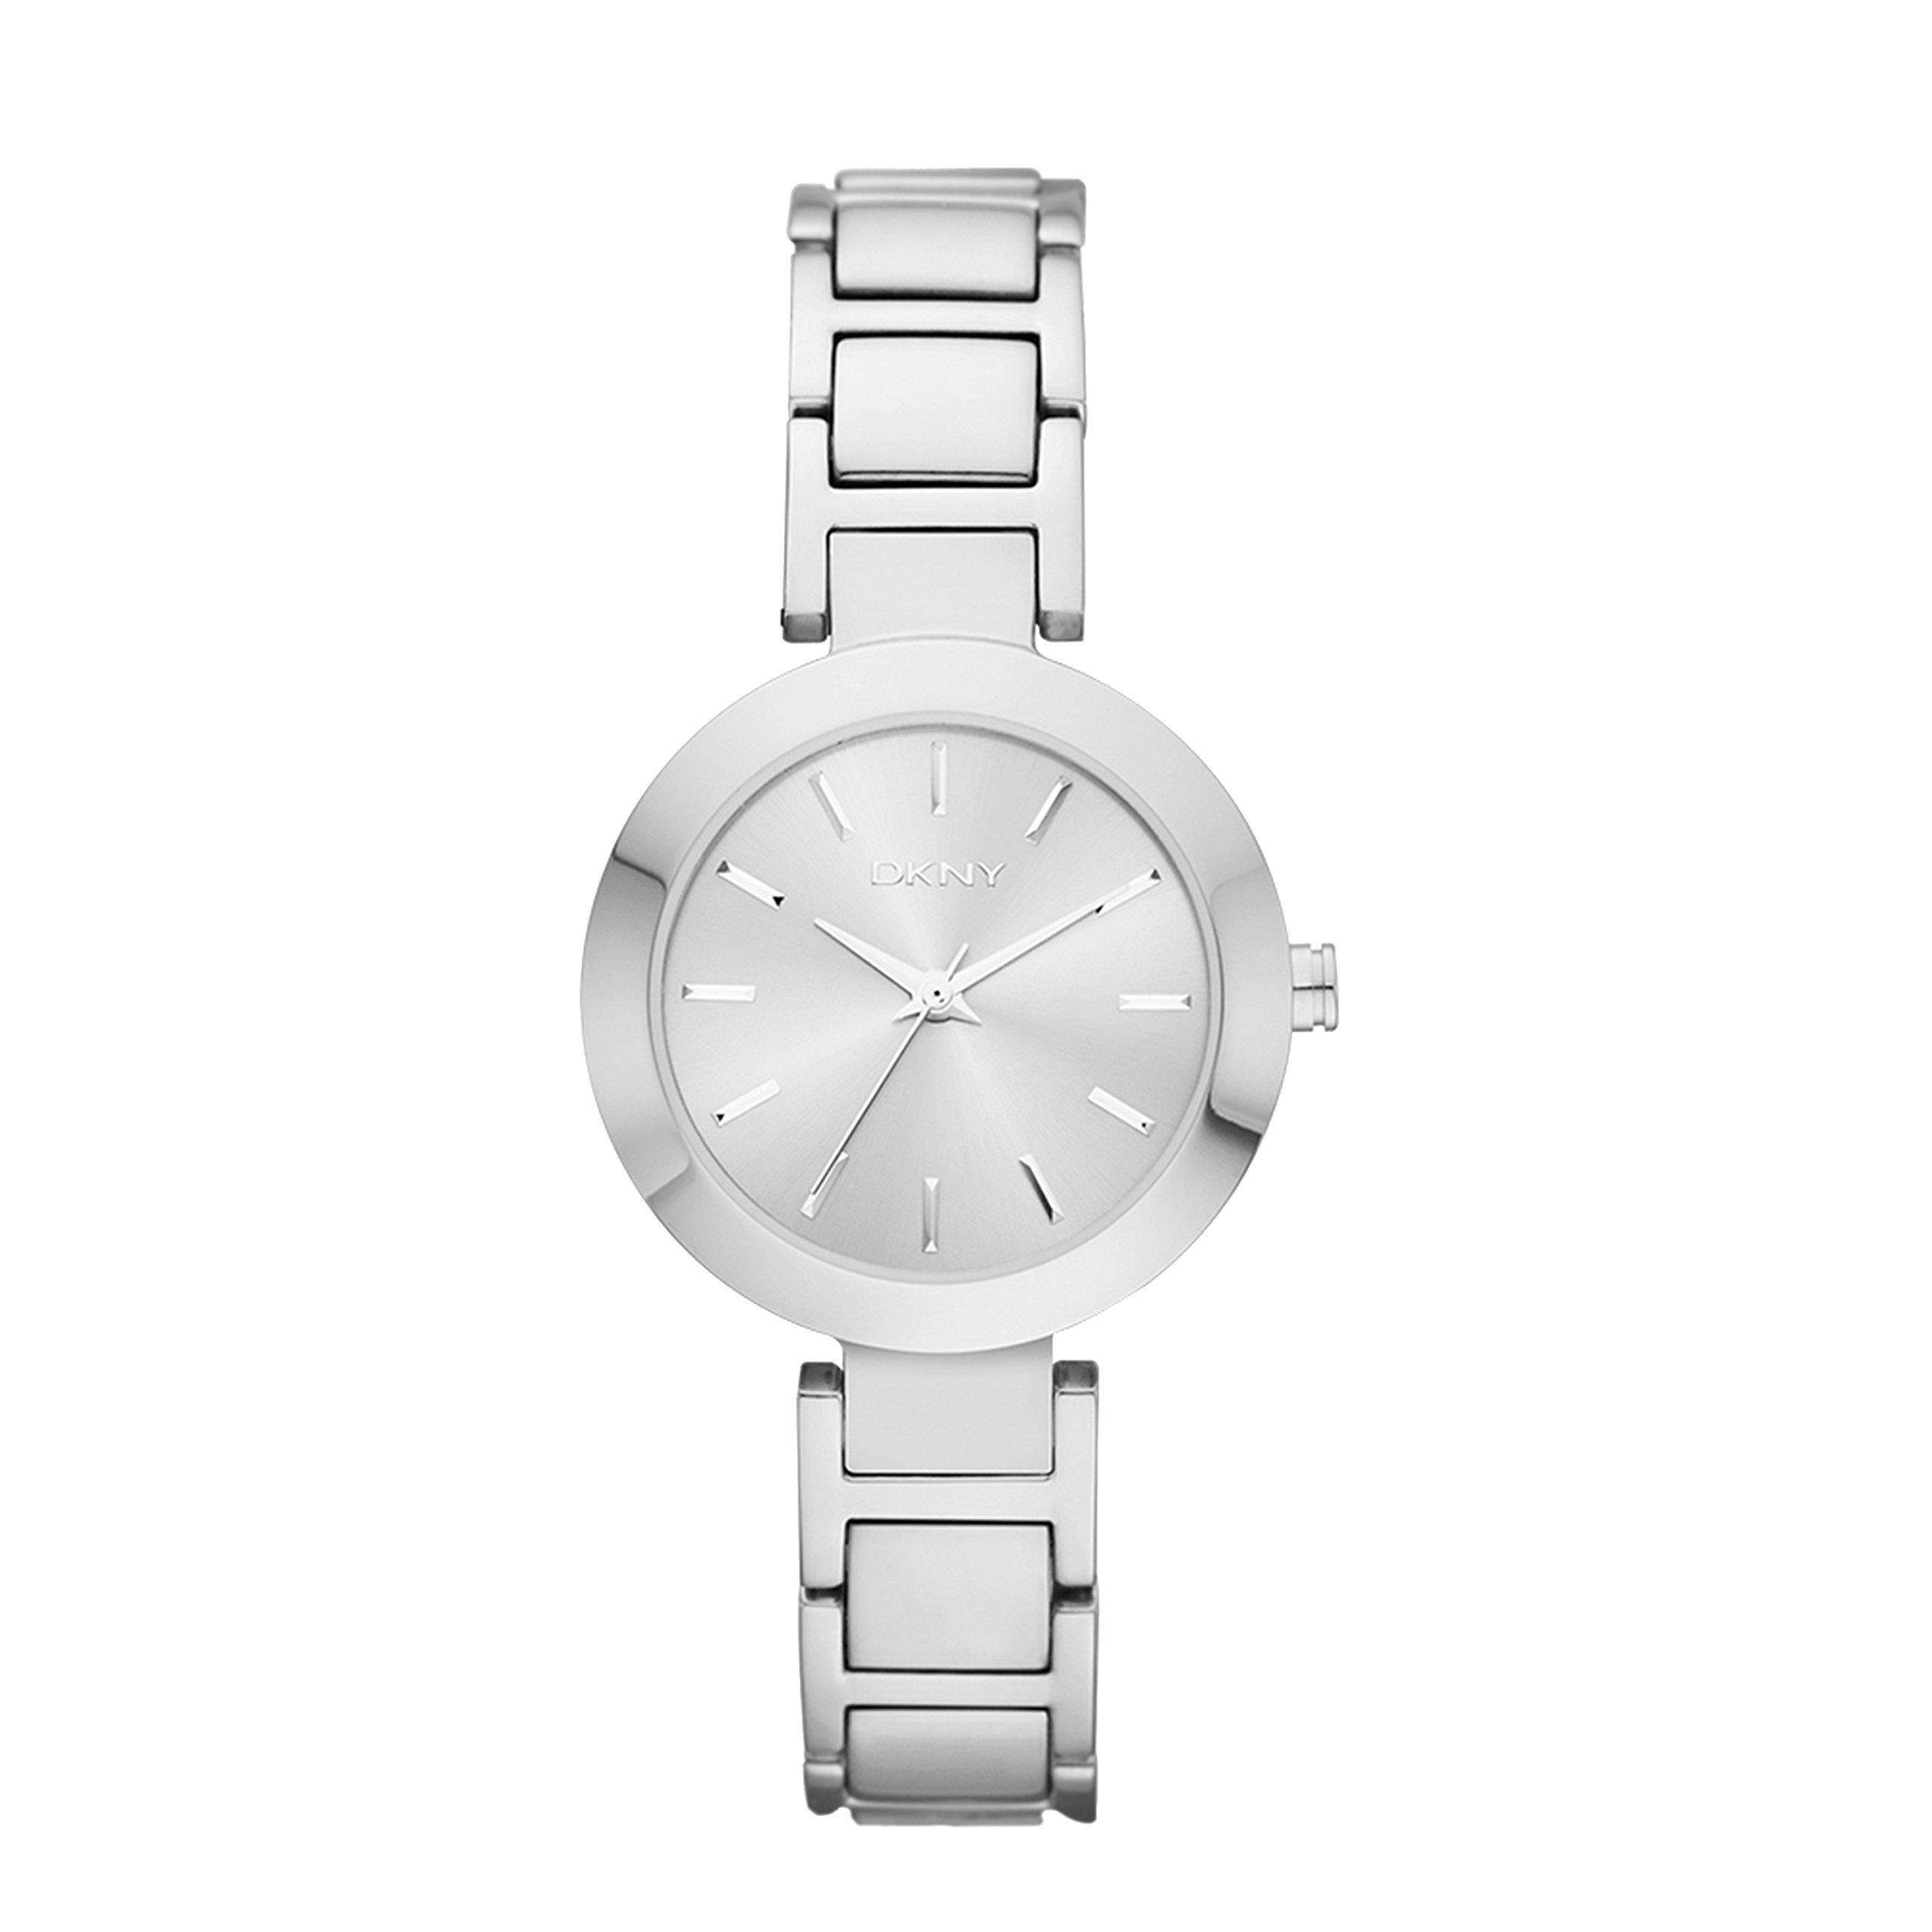 4c1e8ec254ab DKNY - Reloj de pulsera - Chollos y Ofertas